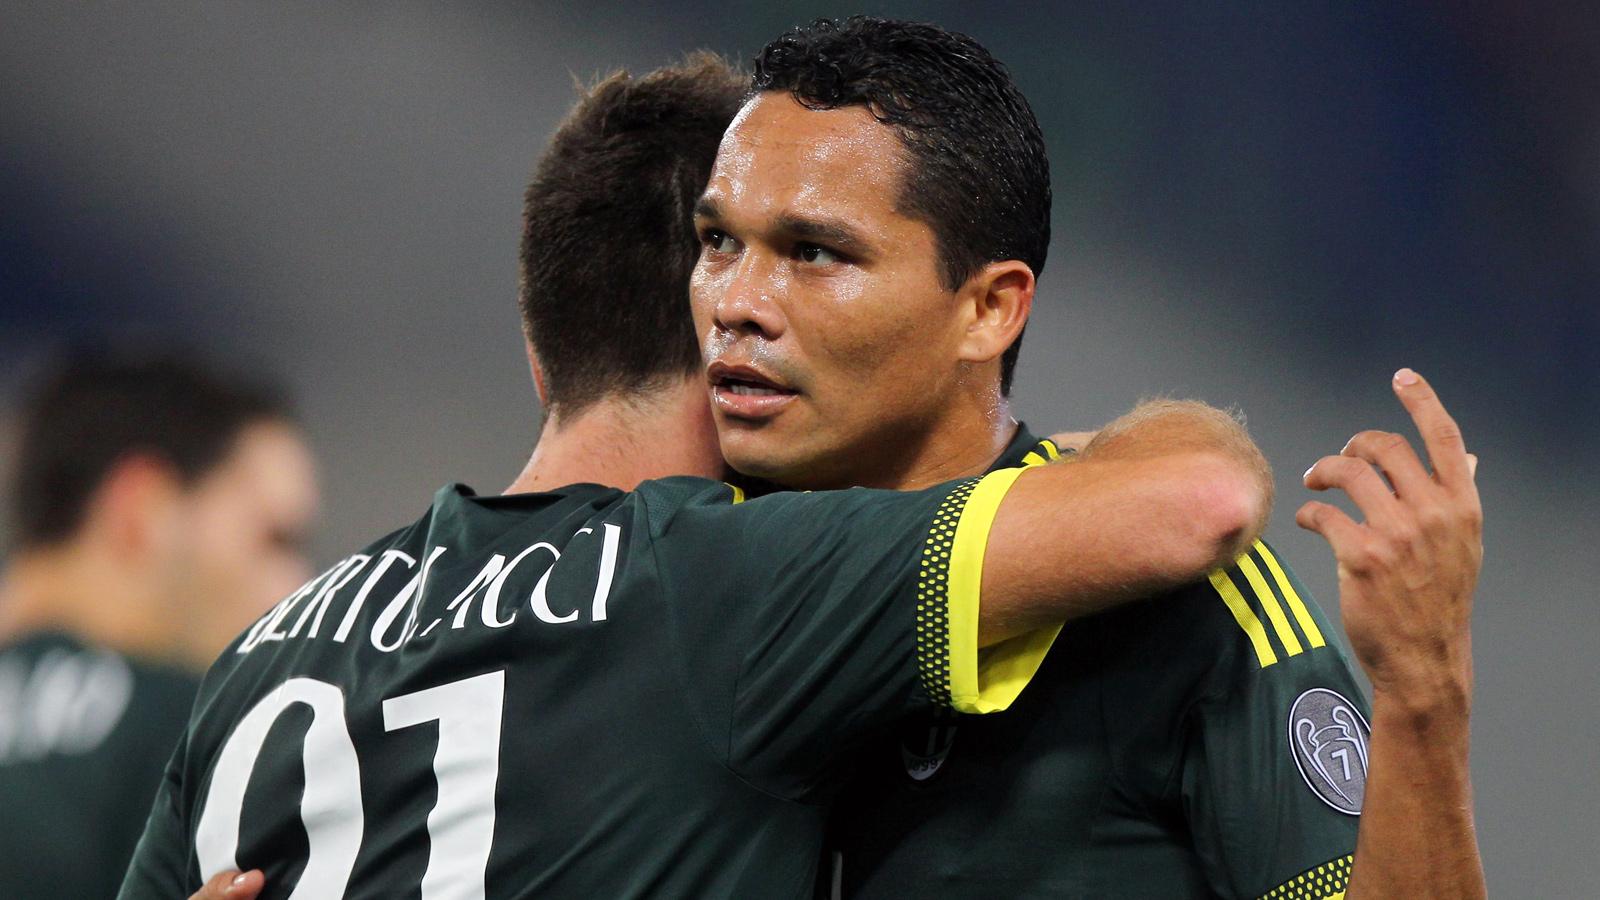 Milan end Lazio's perfect run at home this season